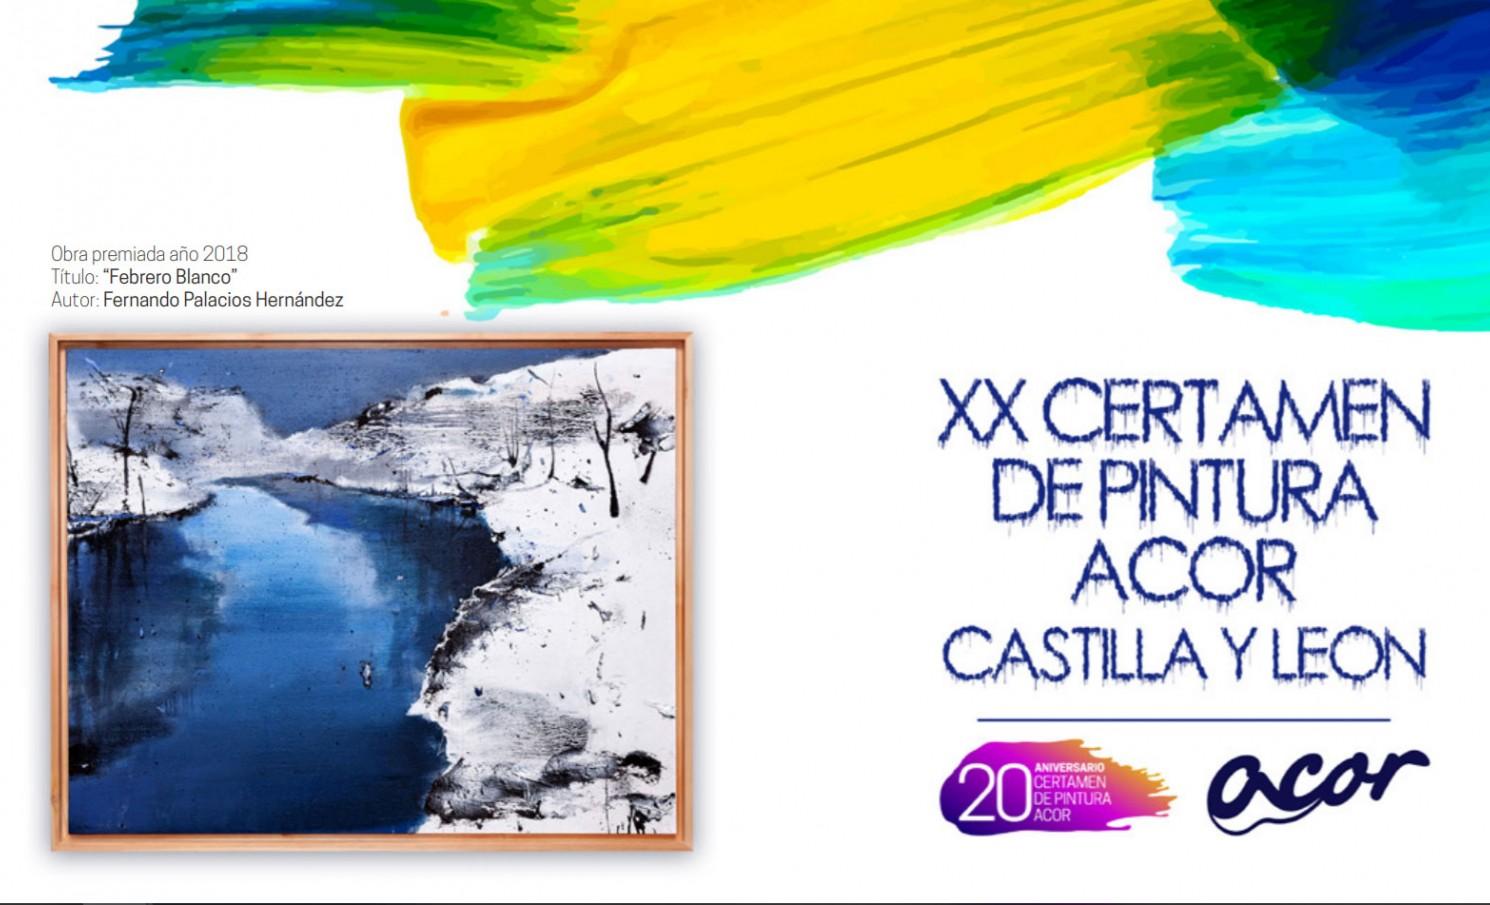 XX CERTAMEN DE PINTURA ACOR CASTILLA Y LEÓN